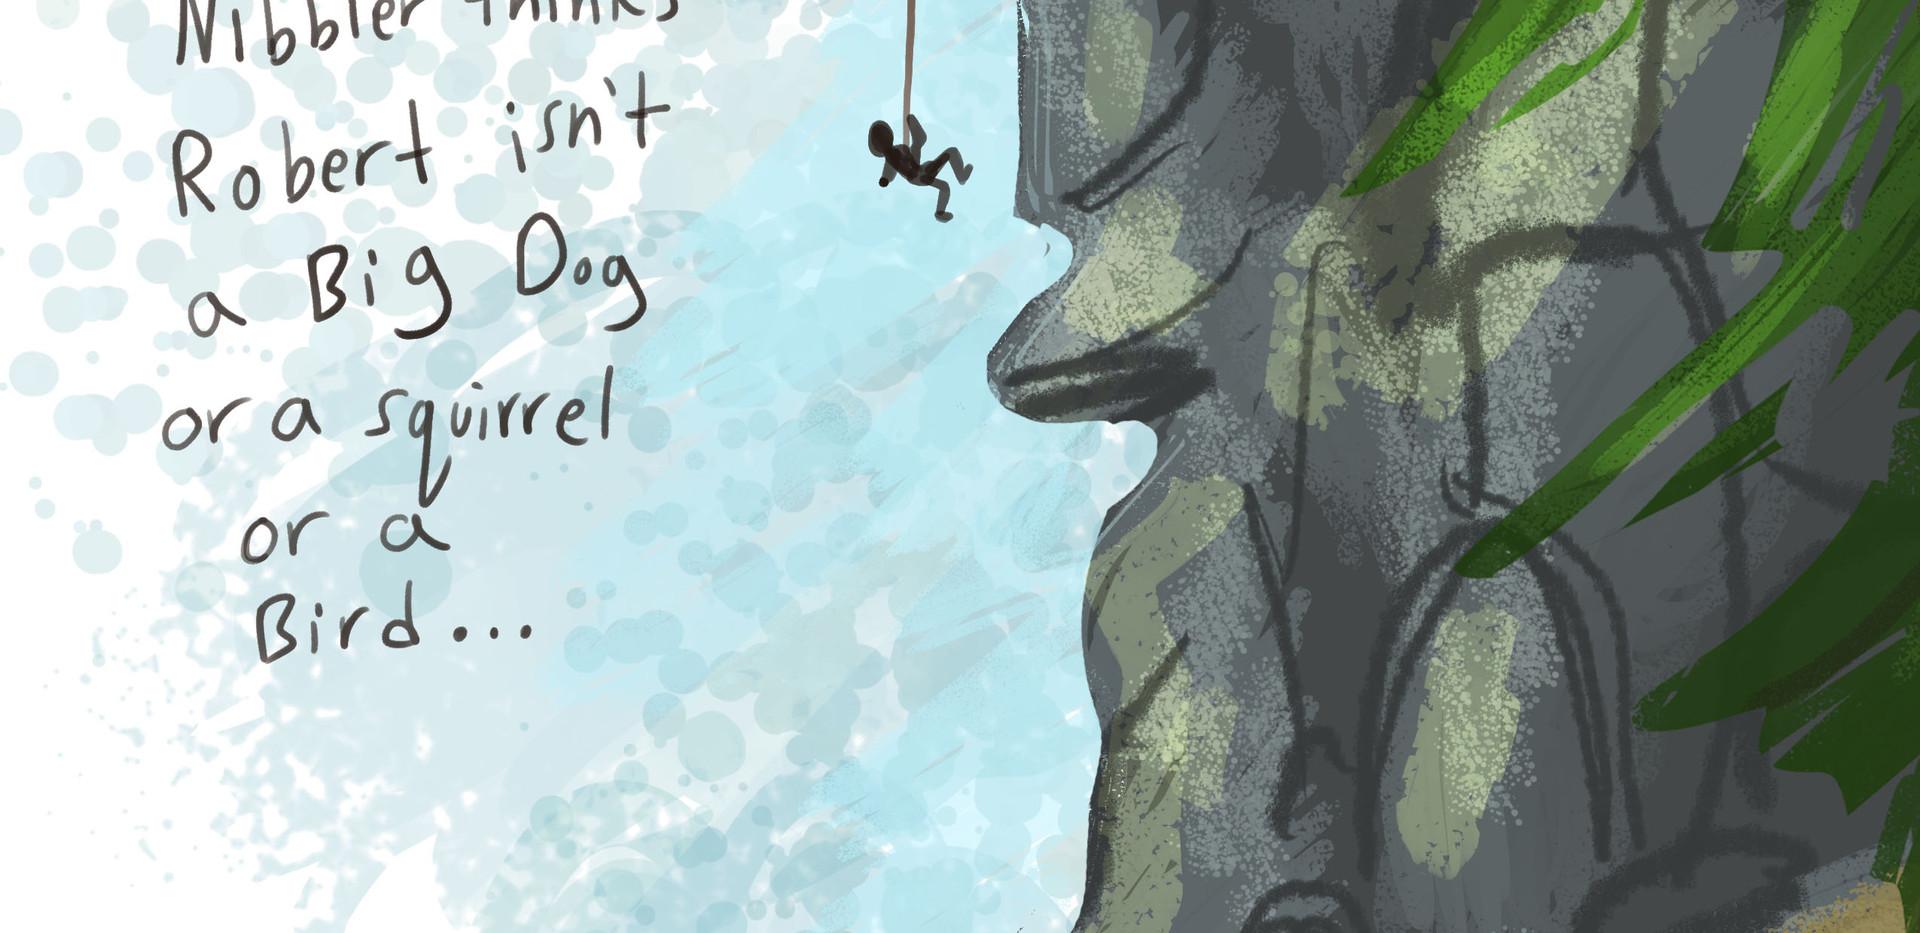 nibbler page 8.jpg